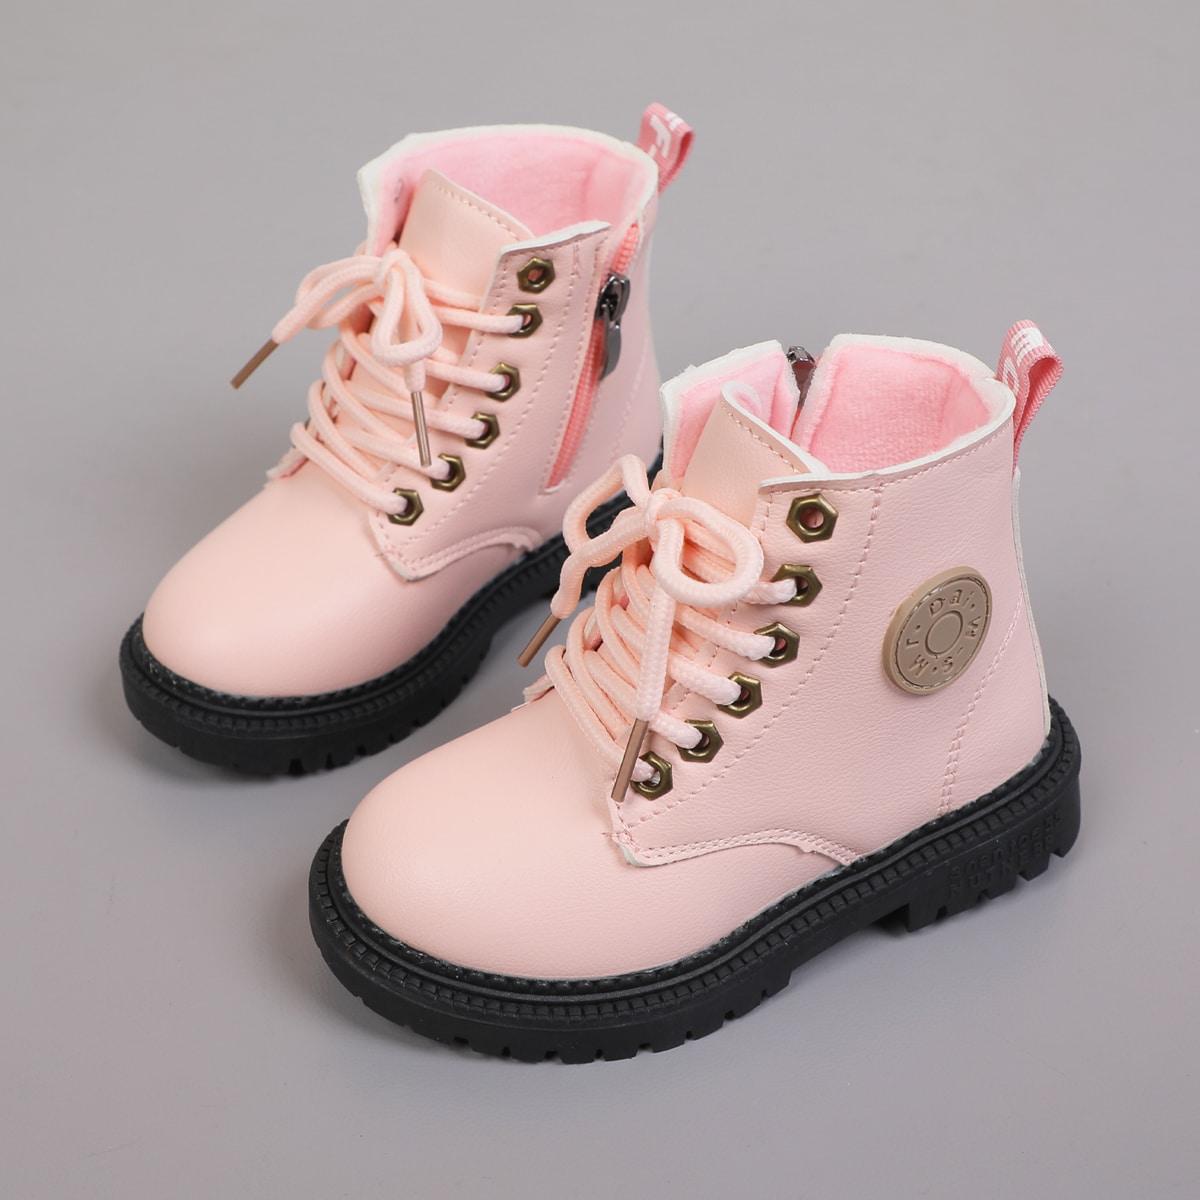 для девочек Ботинки комбат с текстовой заплатой со шнурком на молнии SheIn sk2107089916482285